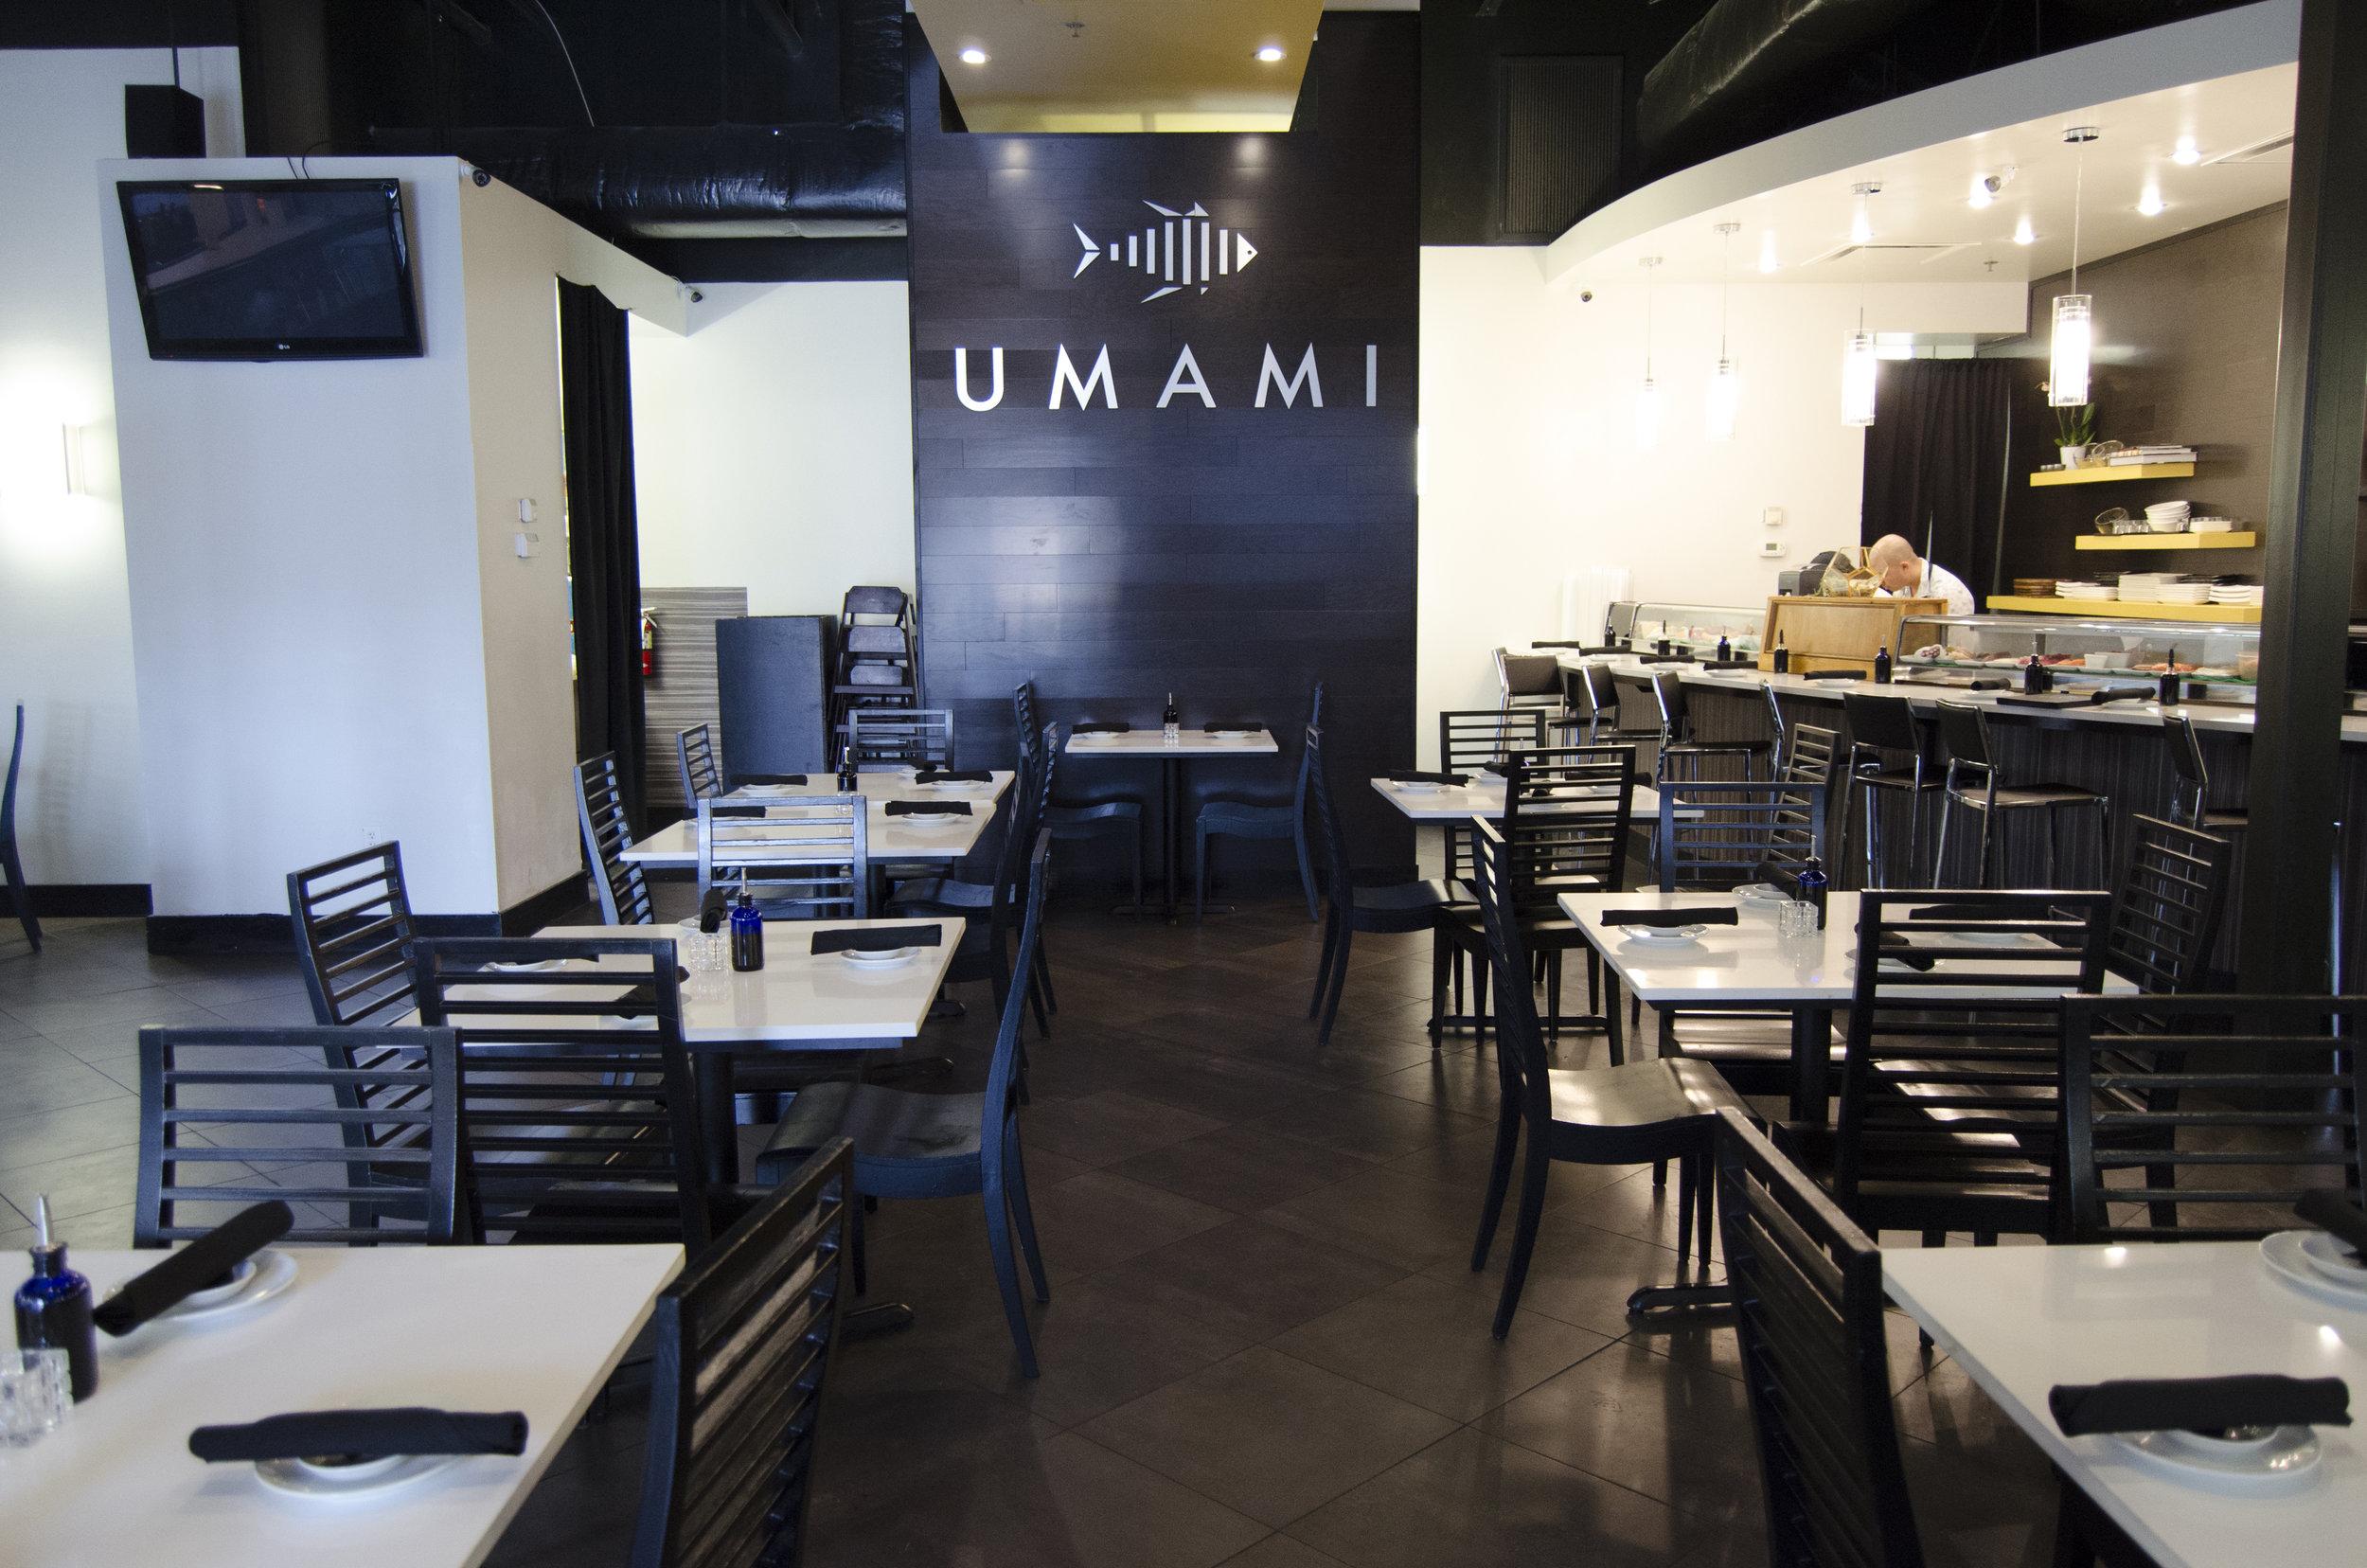 Umami First Look_Allie Appel_6.jpg